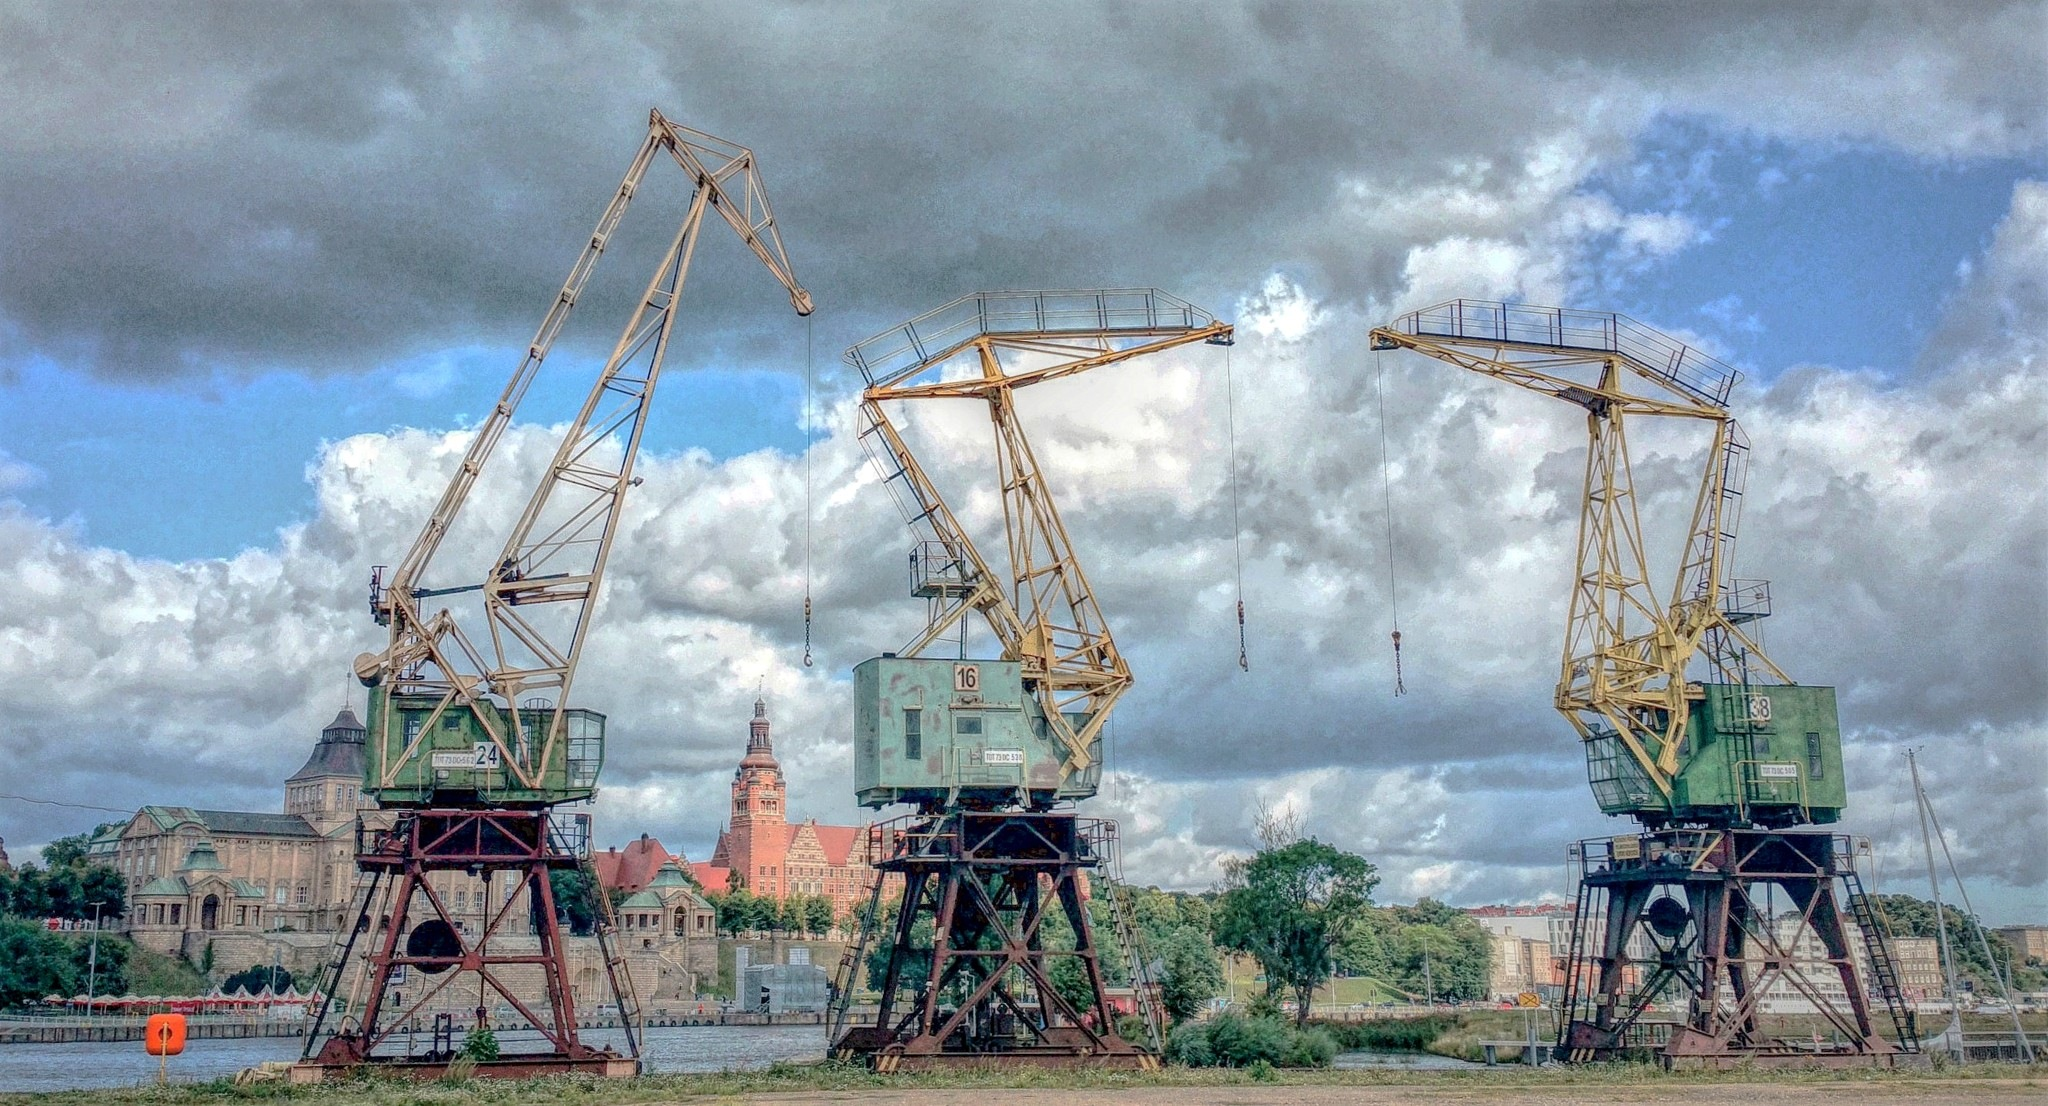 Cranes by Adam Wyciszkiewicz